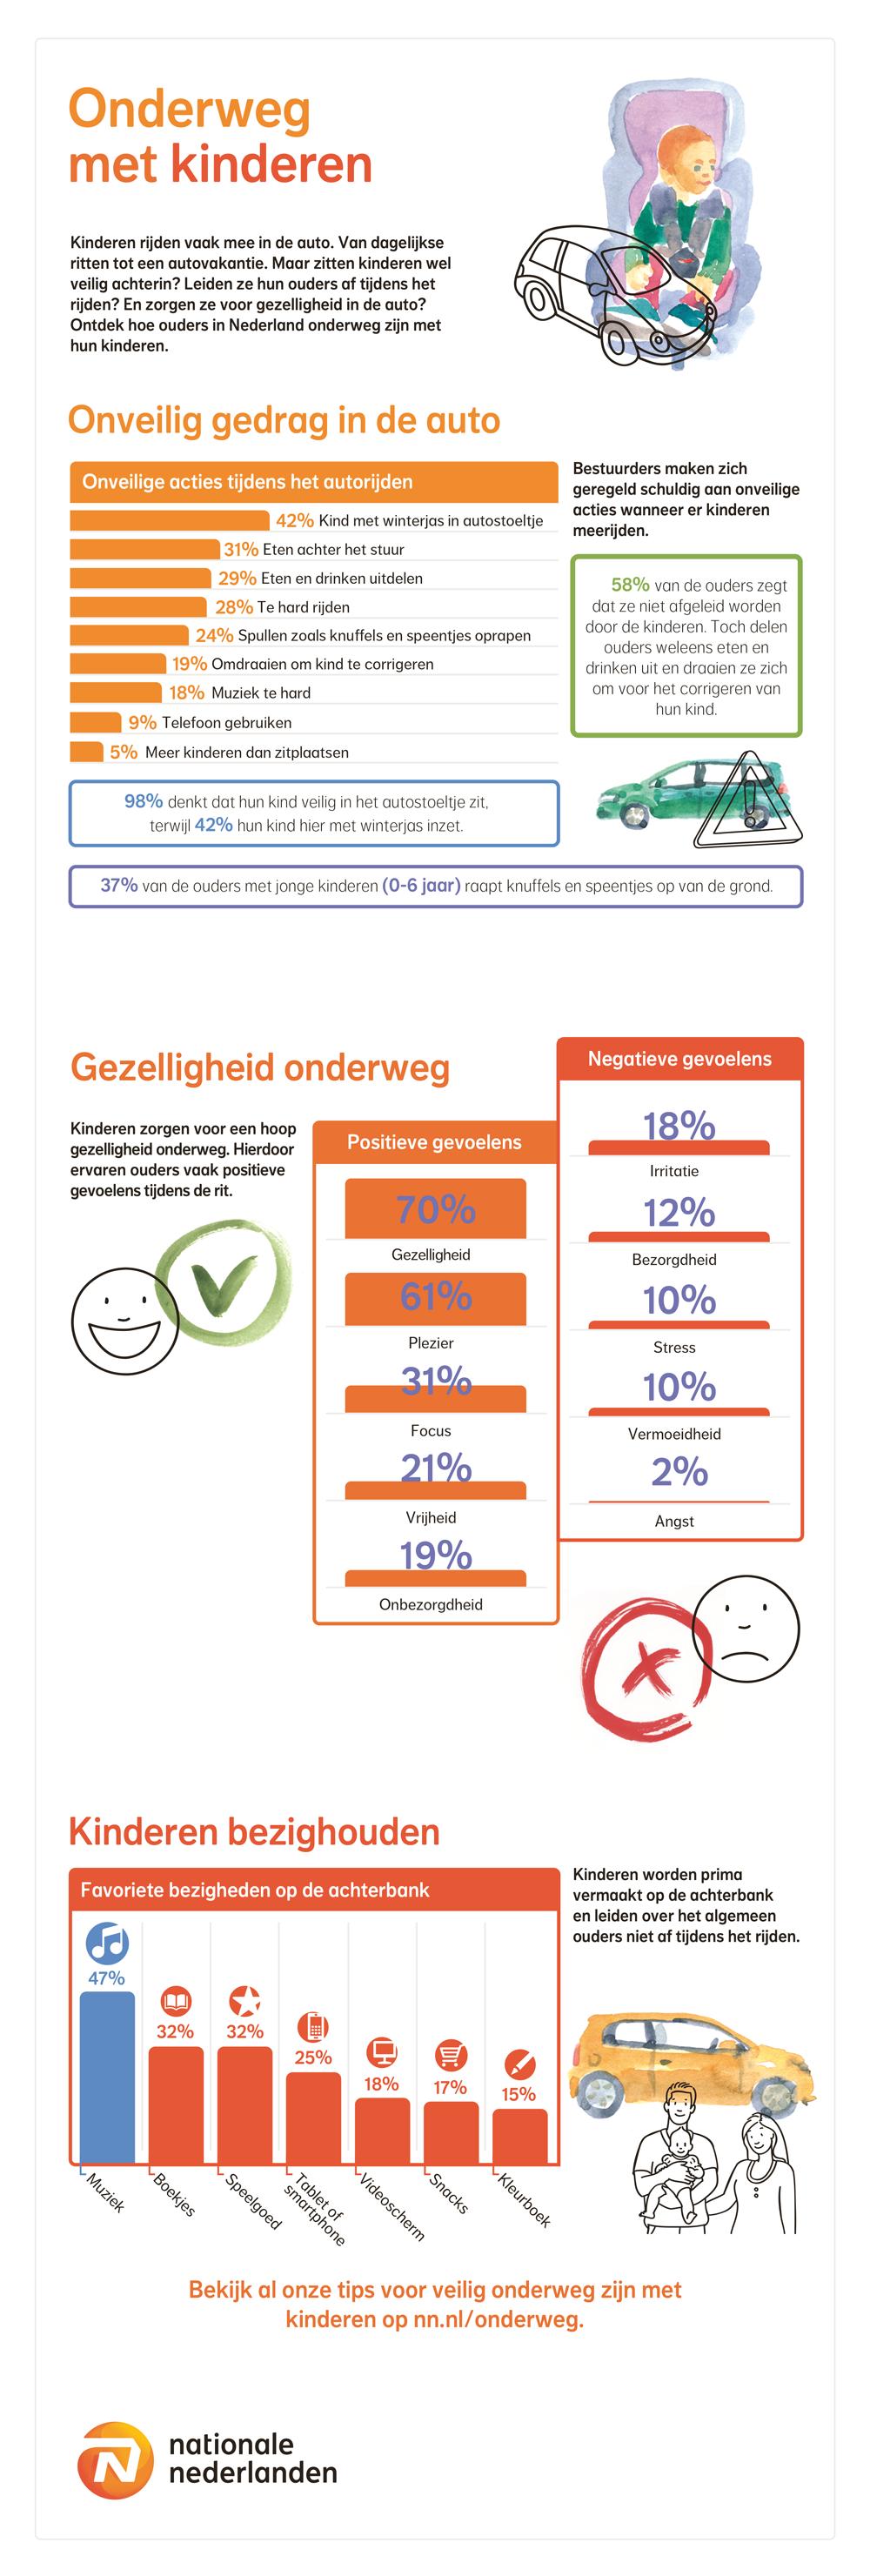 infographic Nationale Nederlanden getiteld Onderweg met kinderen